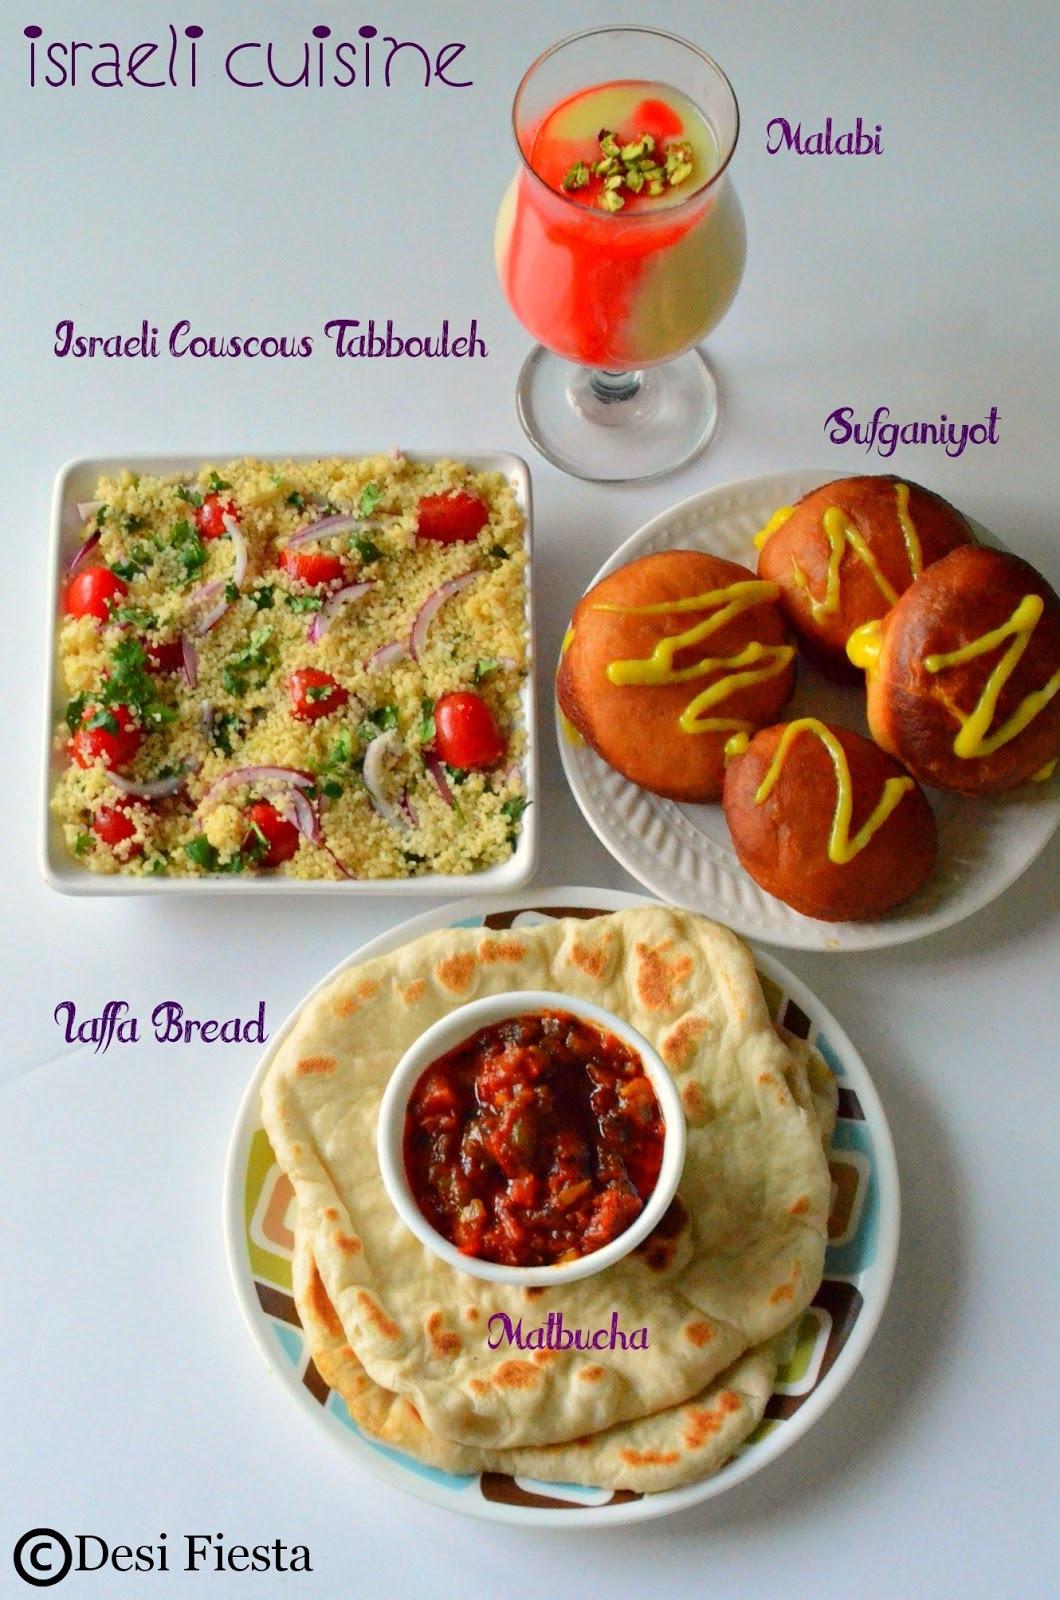 Sufganiyot  ( Doughnut jelly) Recipe|Laffa Bread|Matbucha ( salad) |Malabi |Israeli Couscous Tabbouleh~Israeli Cuisine Recipes